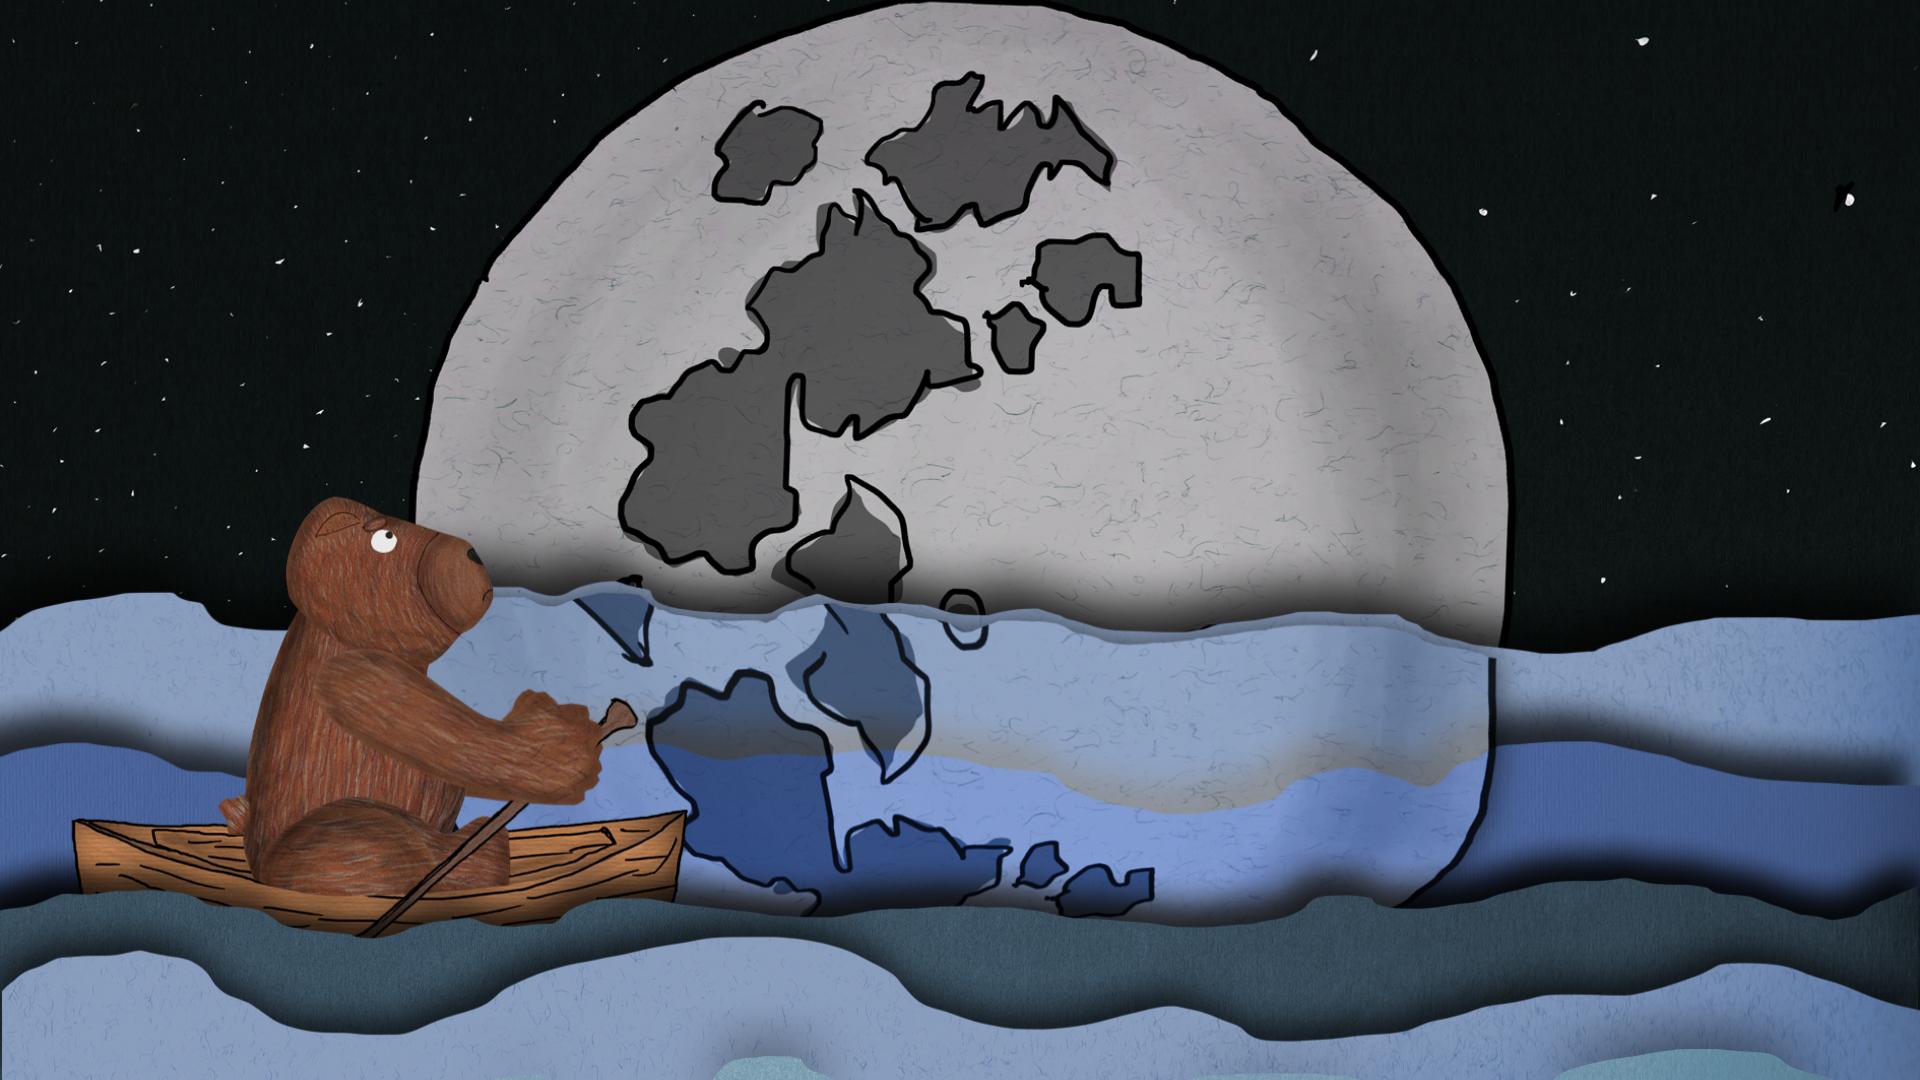 Animated short: 'Animals' by Keith Del Principe